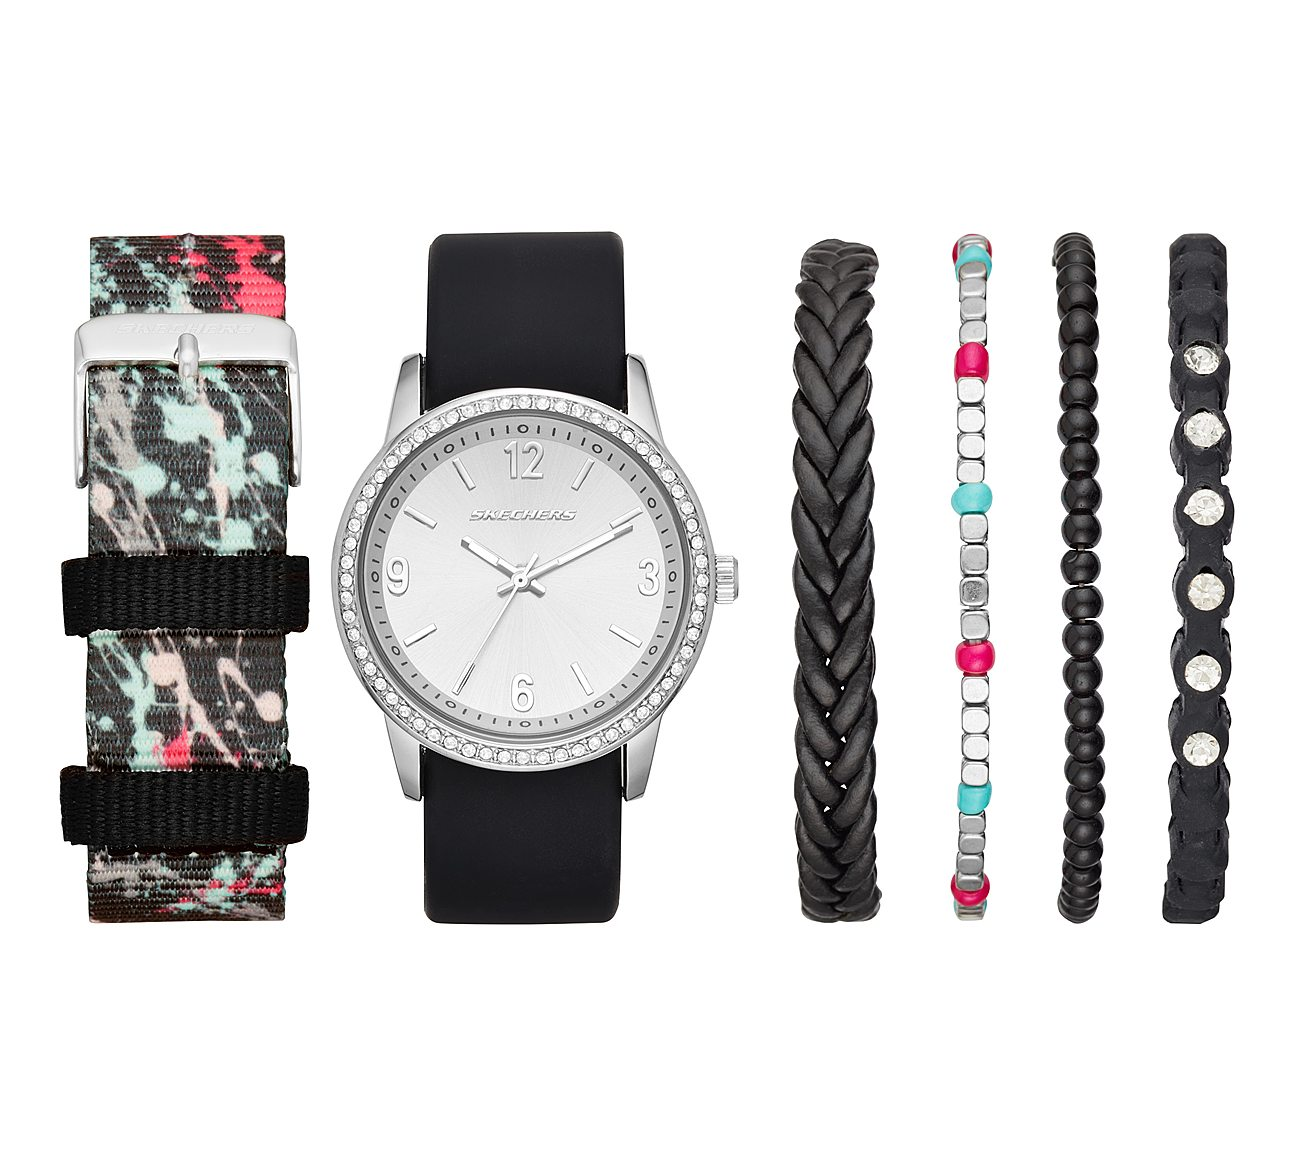 Fashion Watch Gift Set